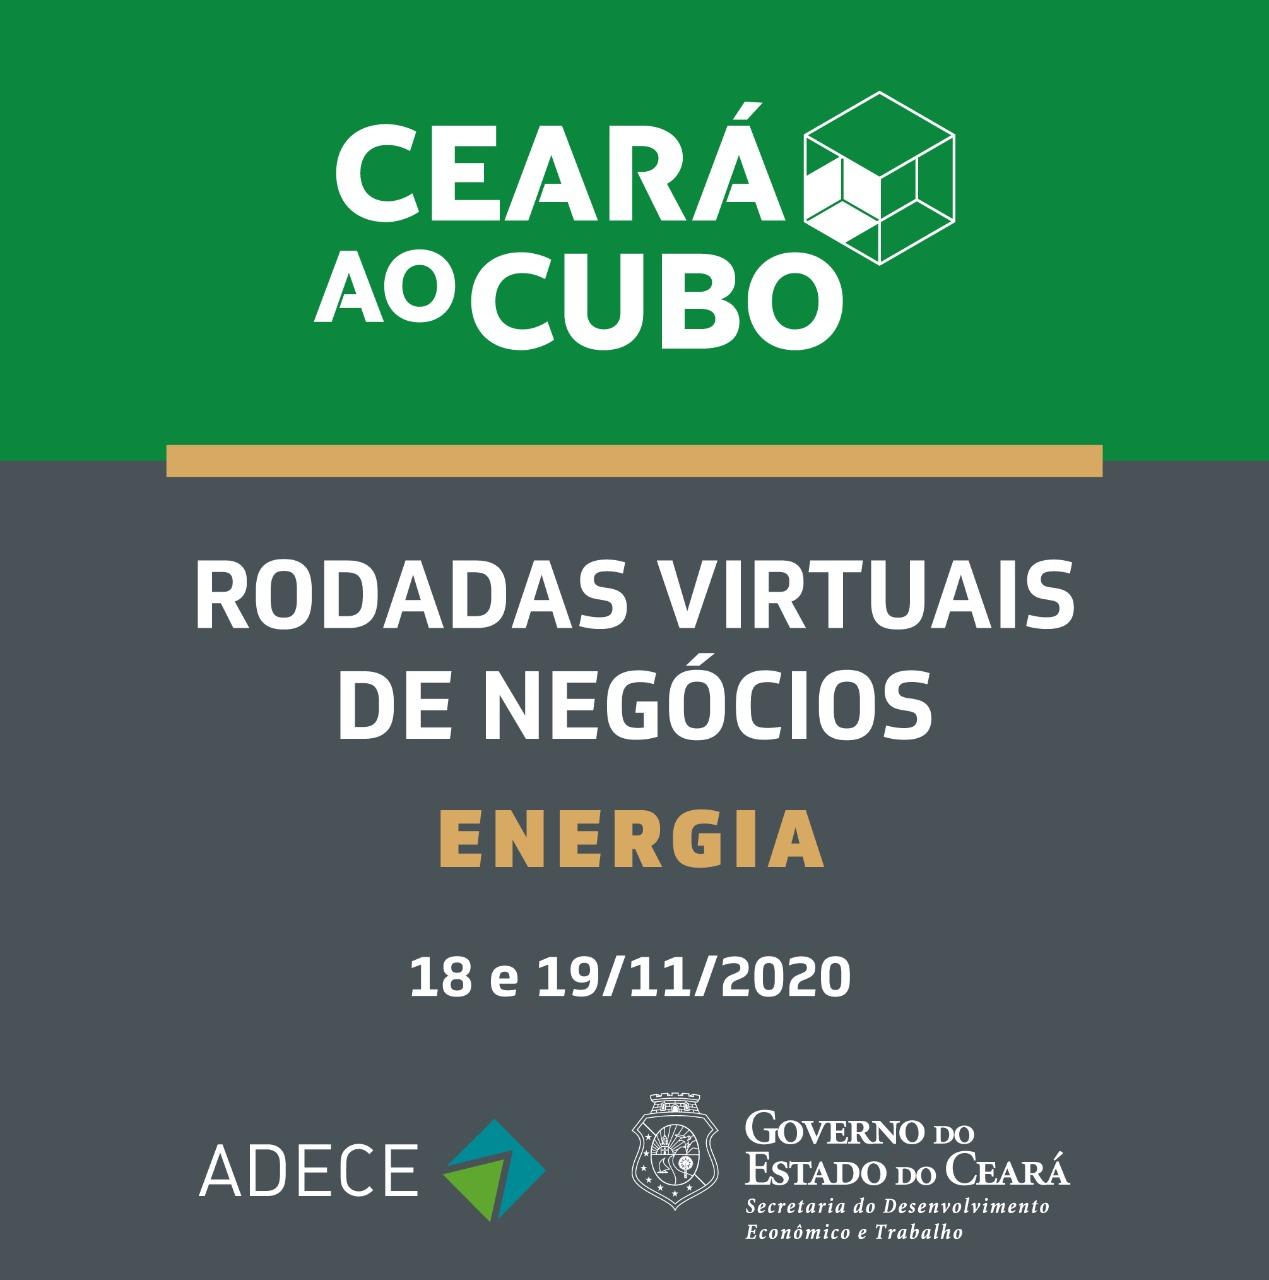 Rodada Virtual de Negócios de Energias tem nova data para realização